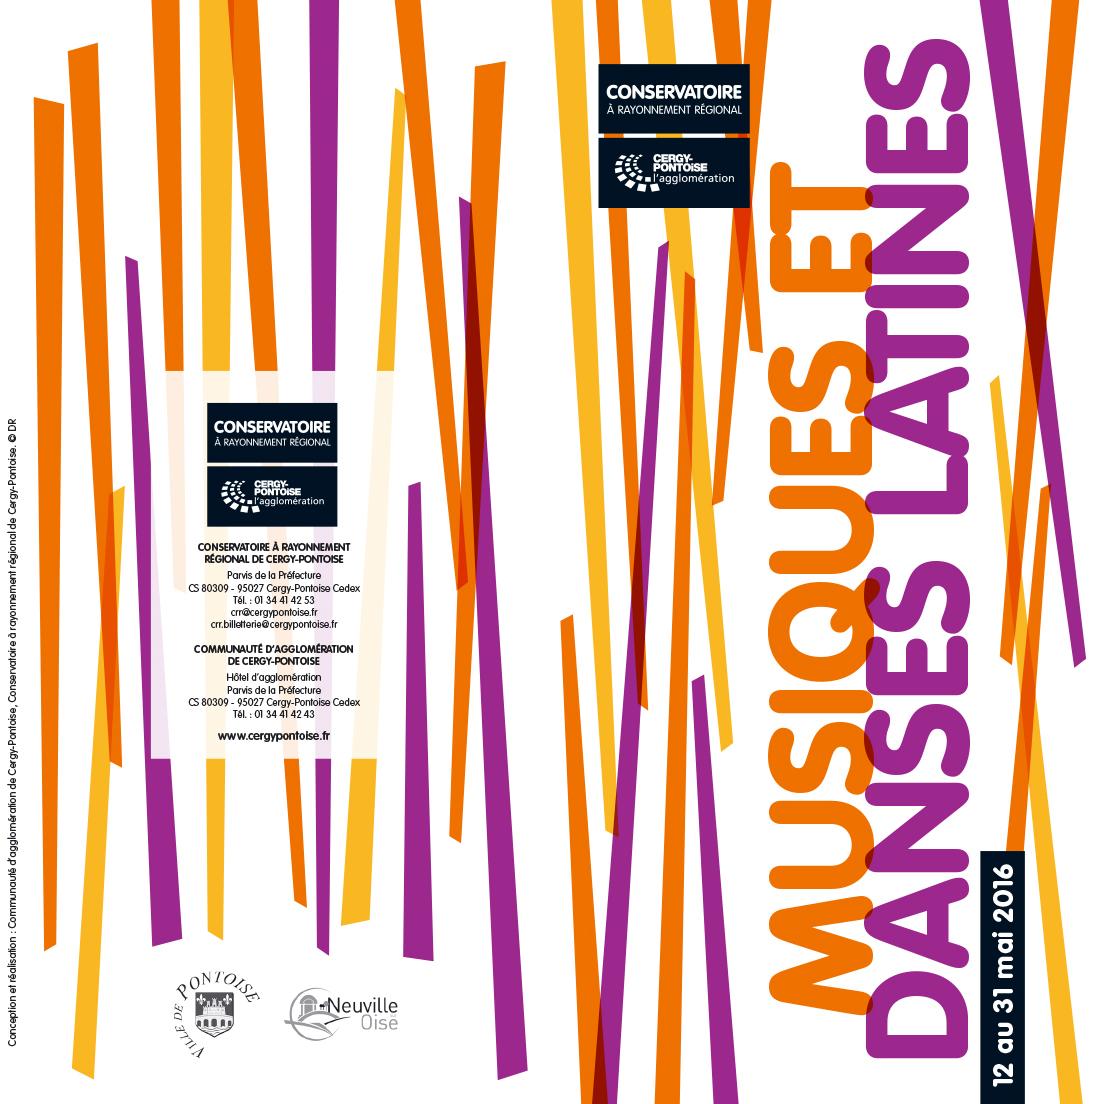 Communauté d'agglomération de Cergy-Pontoise - Musiques et danses latines - Saison 2015-2016 du Conservatoire